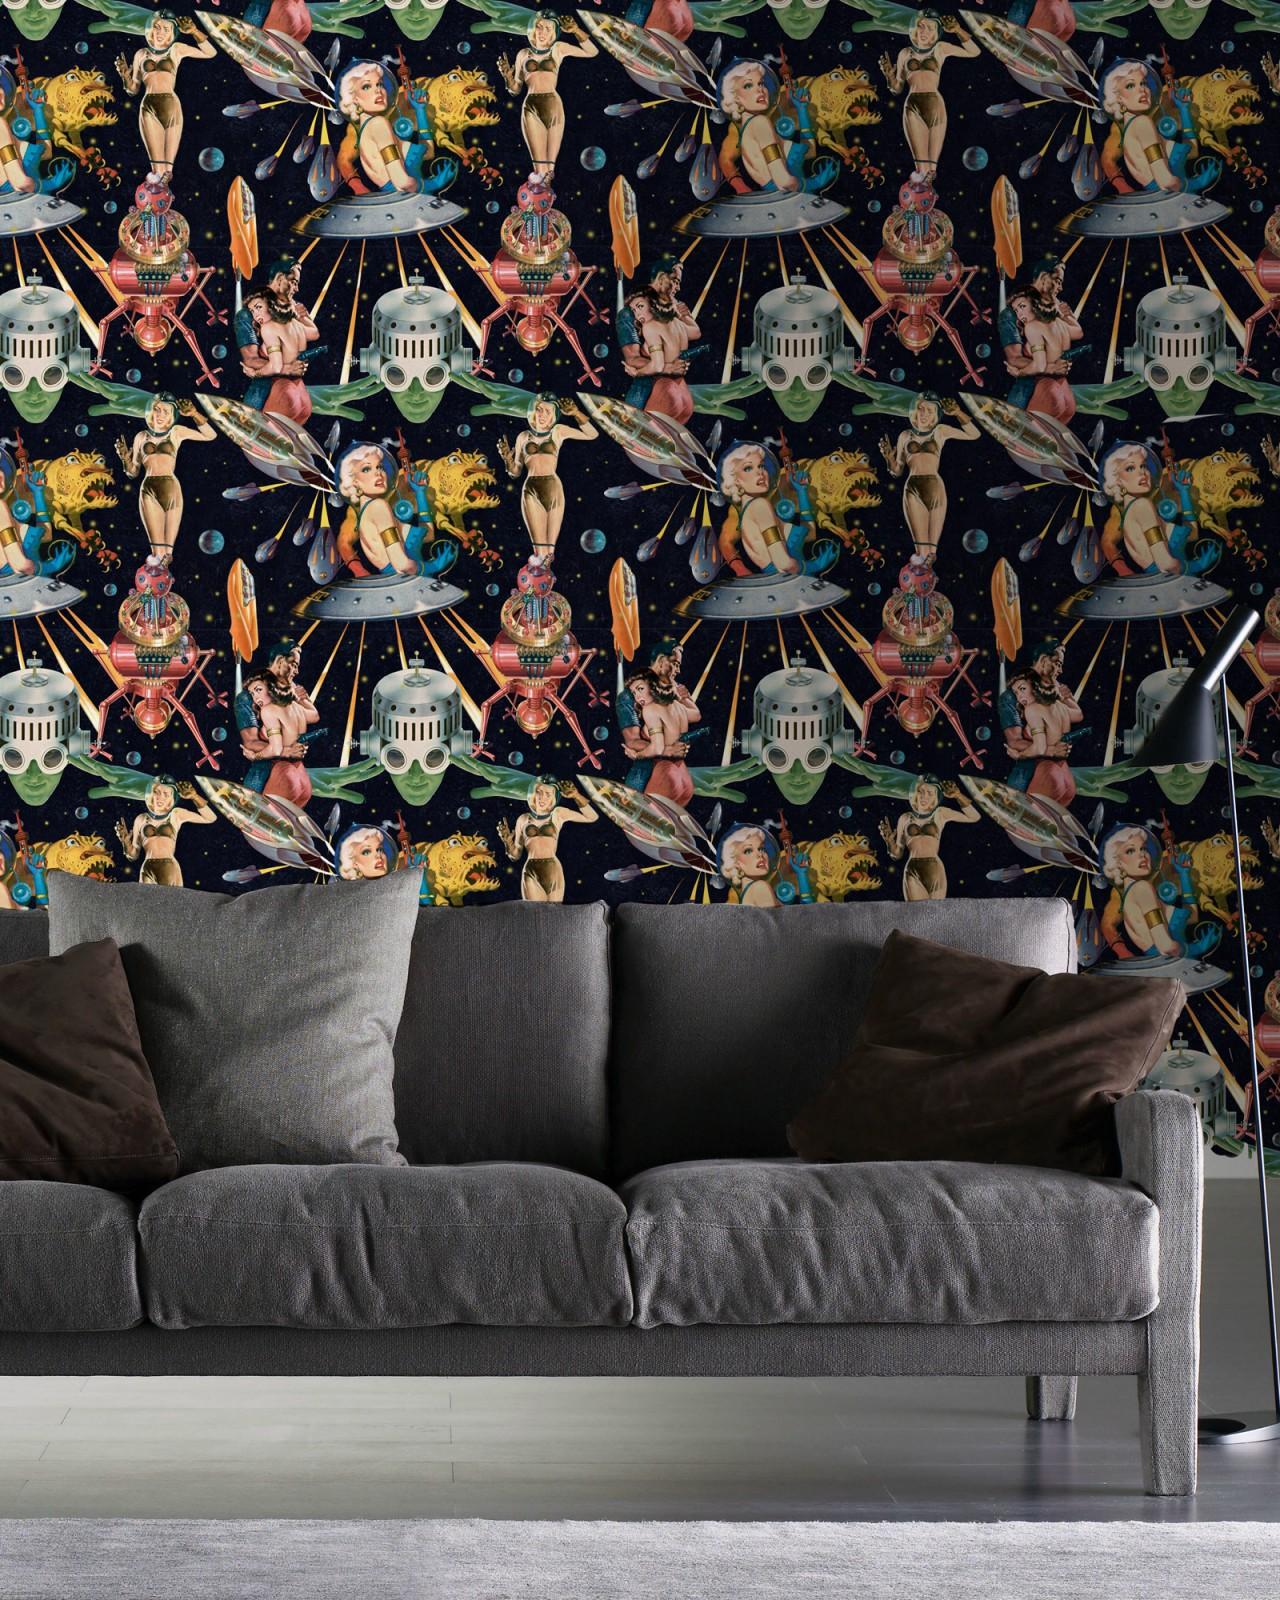 OTHER WORLDS Premium Wallpaper